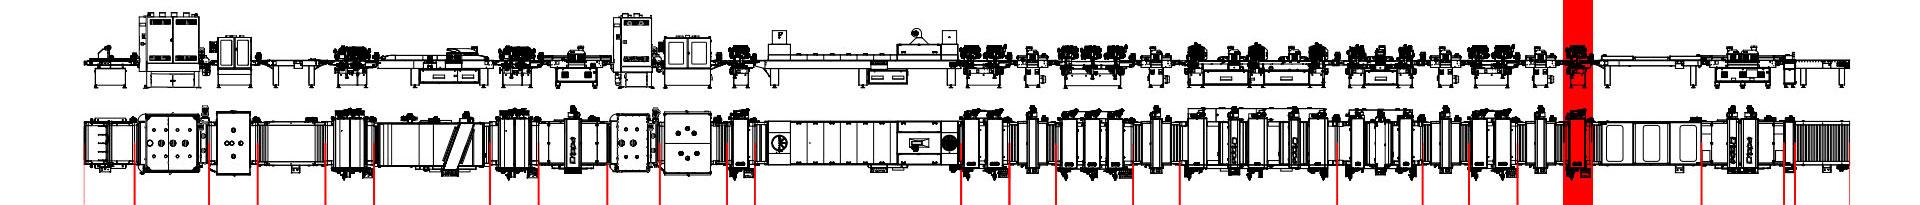 Equipamentos-para-transferência-de-imagens-por-rolos